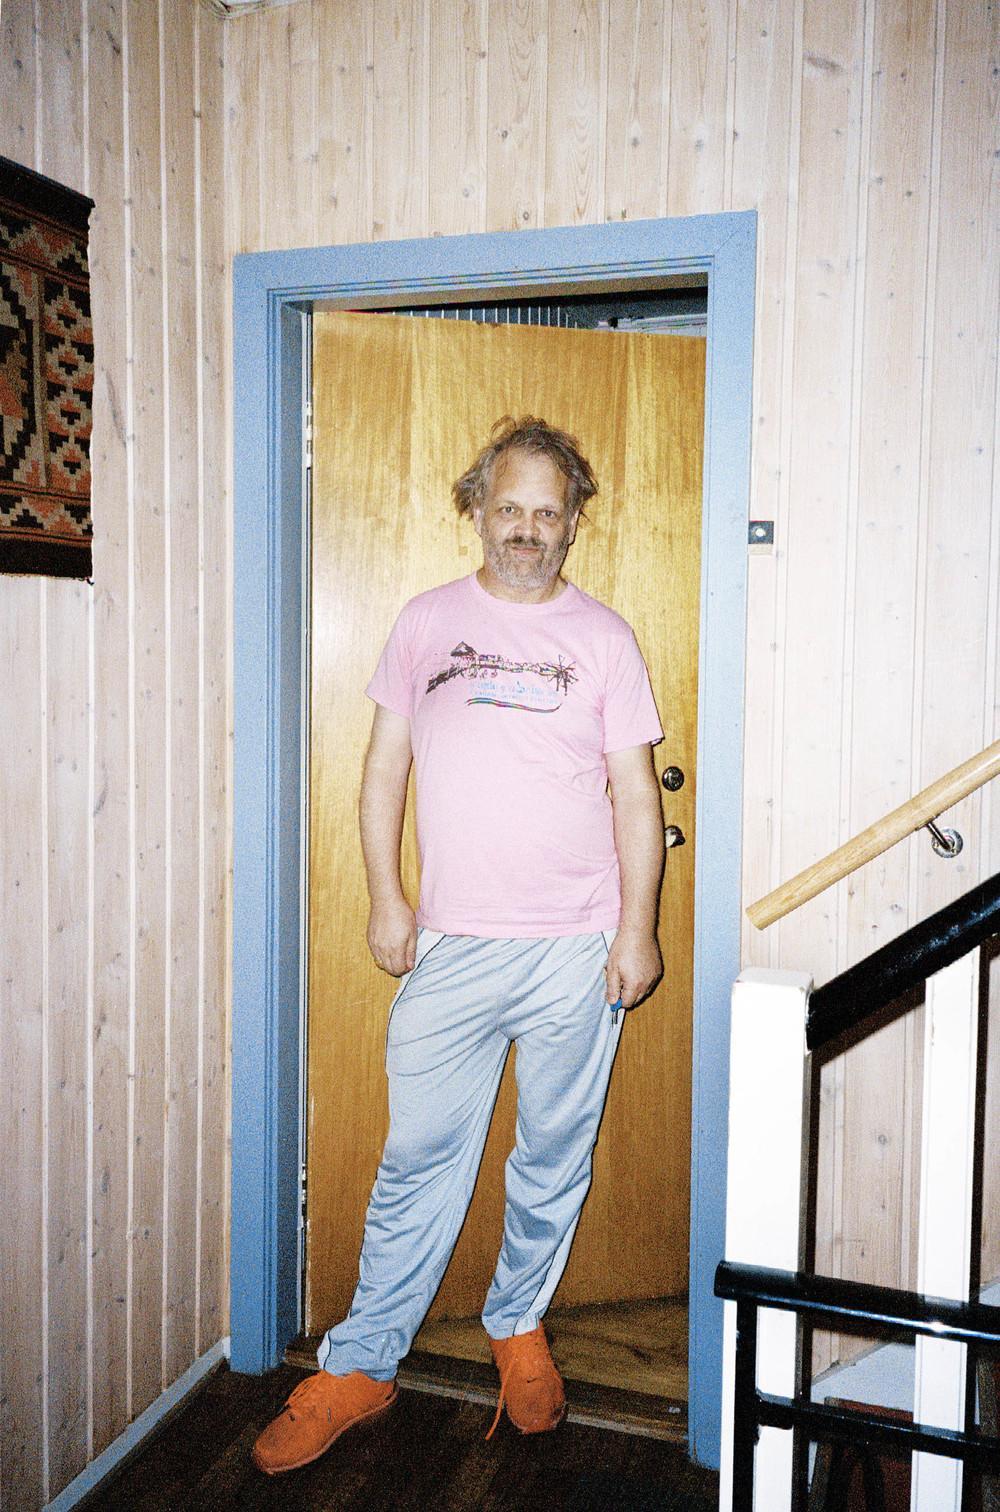 «Мания»: странные коллекции и их владельцы в фотопроекте норвежского фотографа